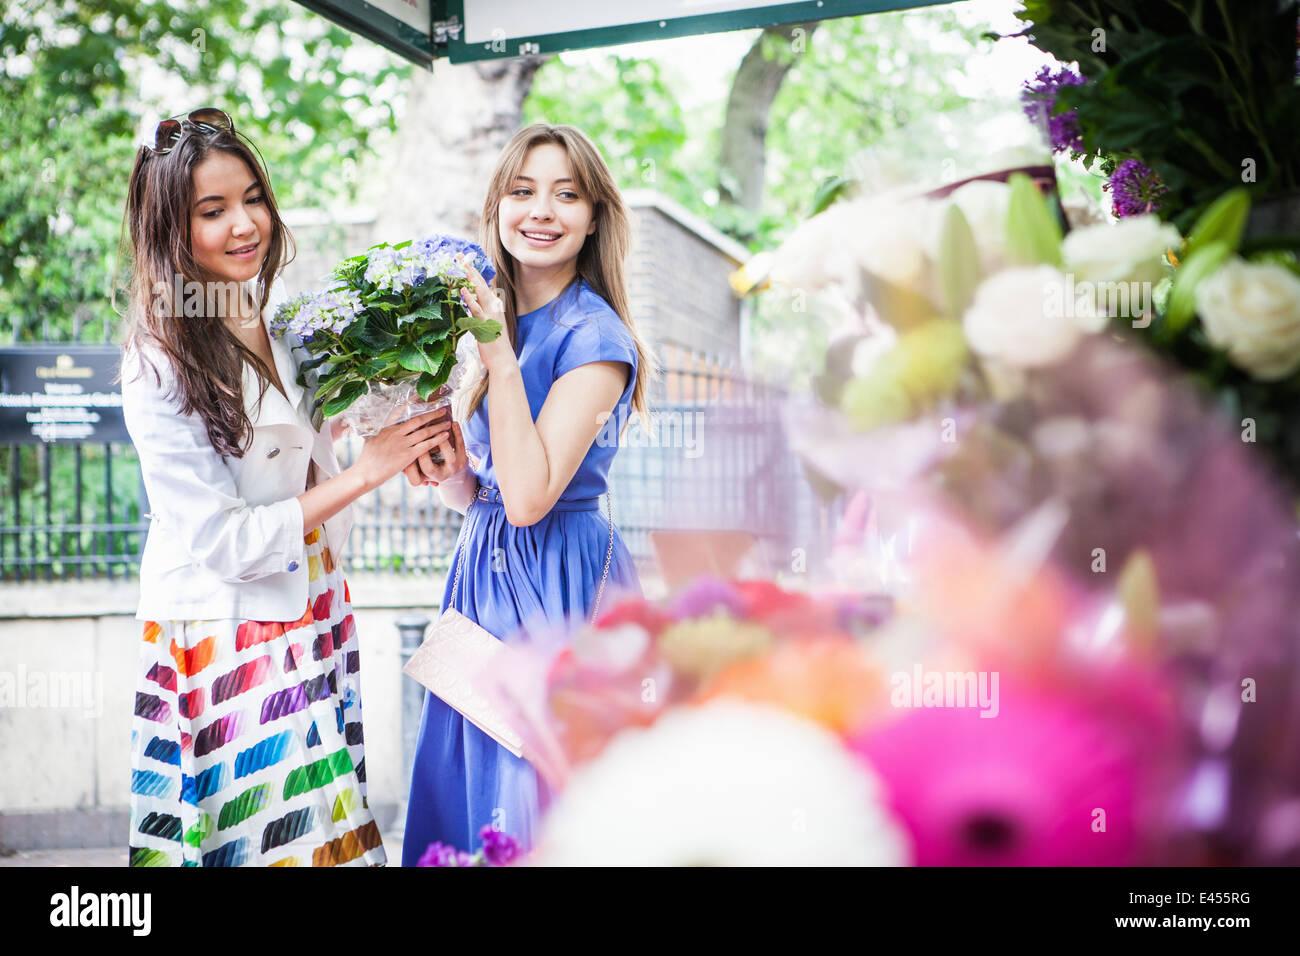 Dos jóvenes mujeres recogida de planta en maceta Imagen De Stock